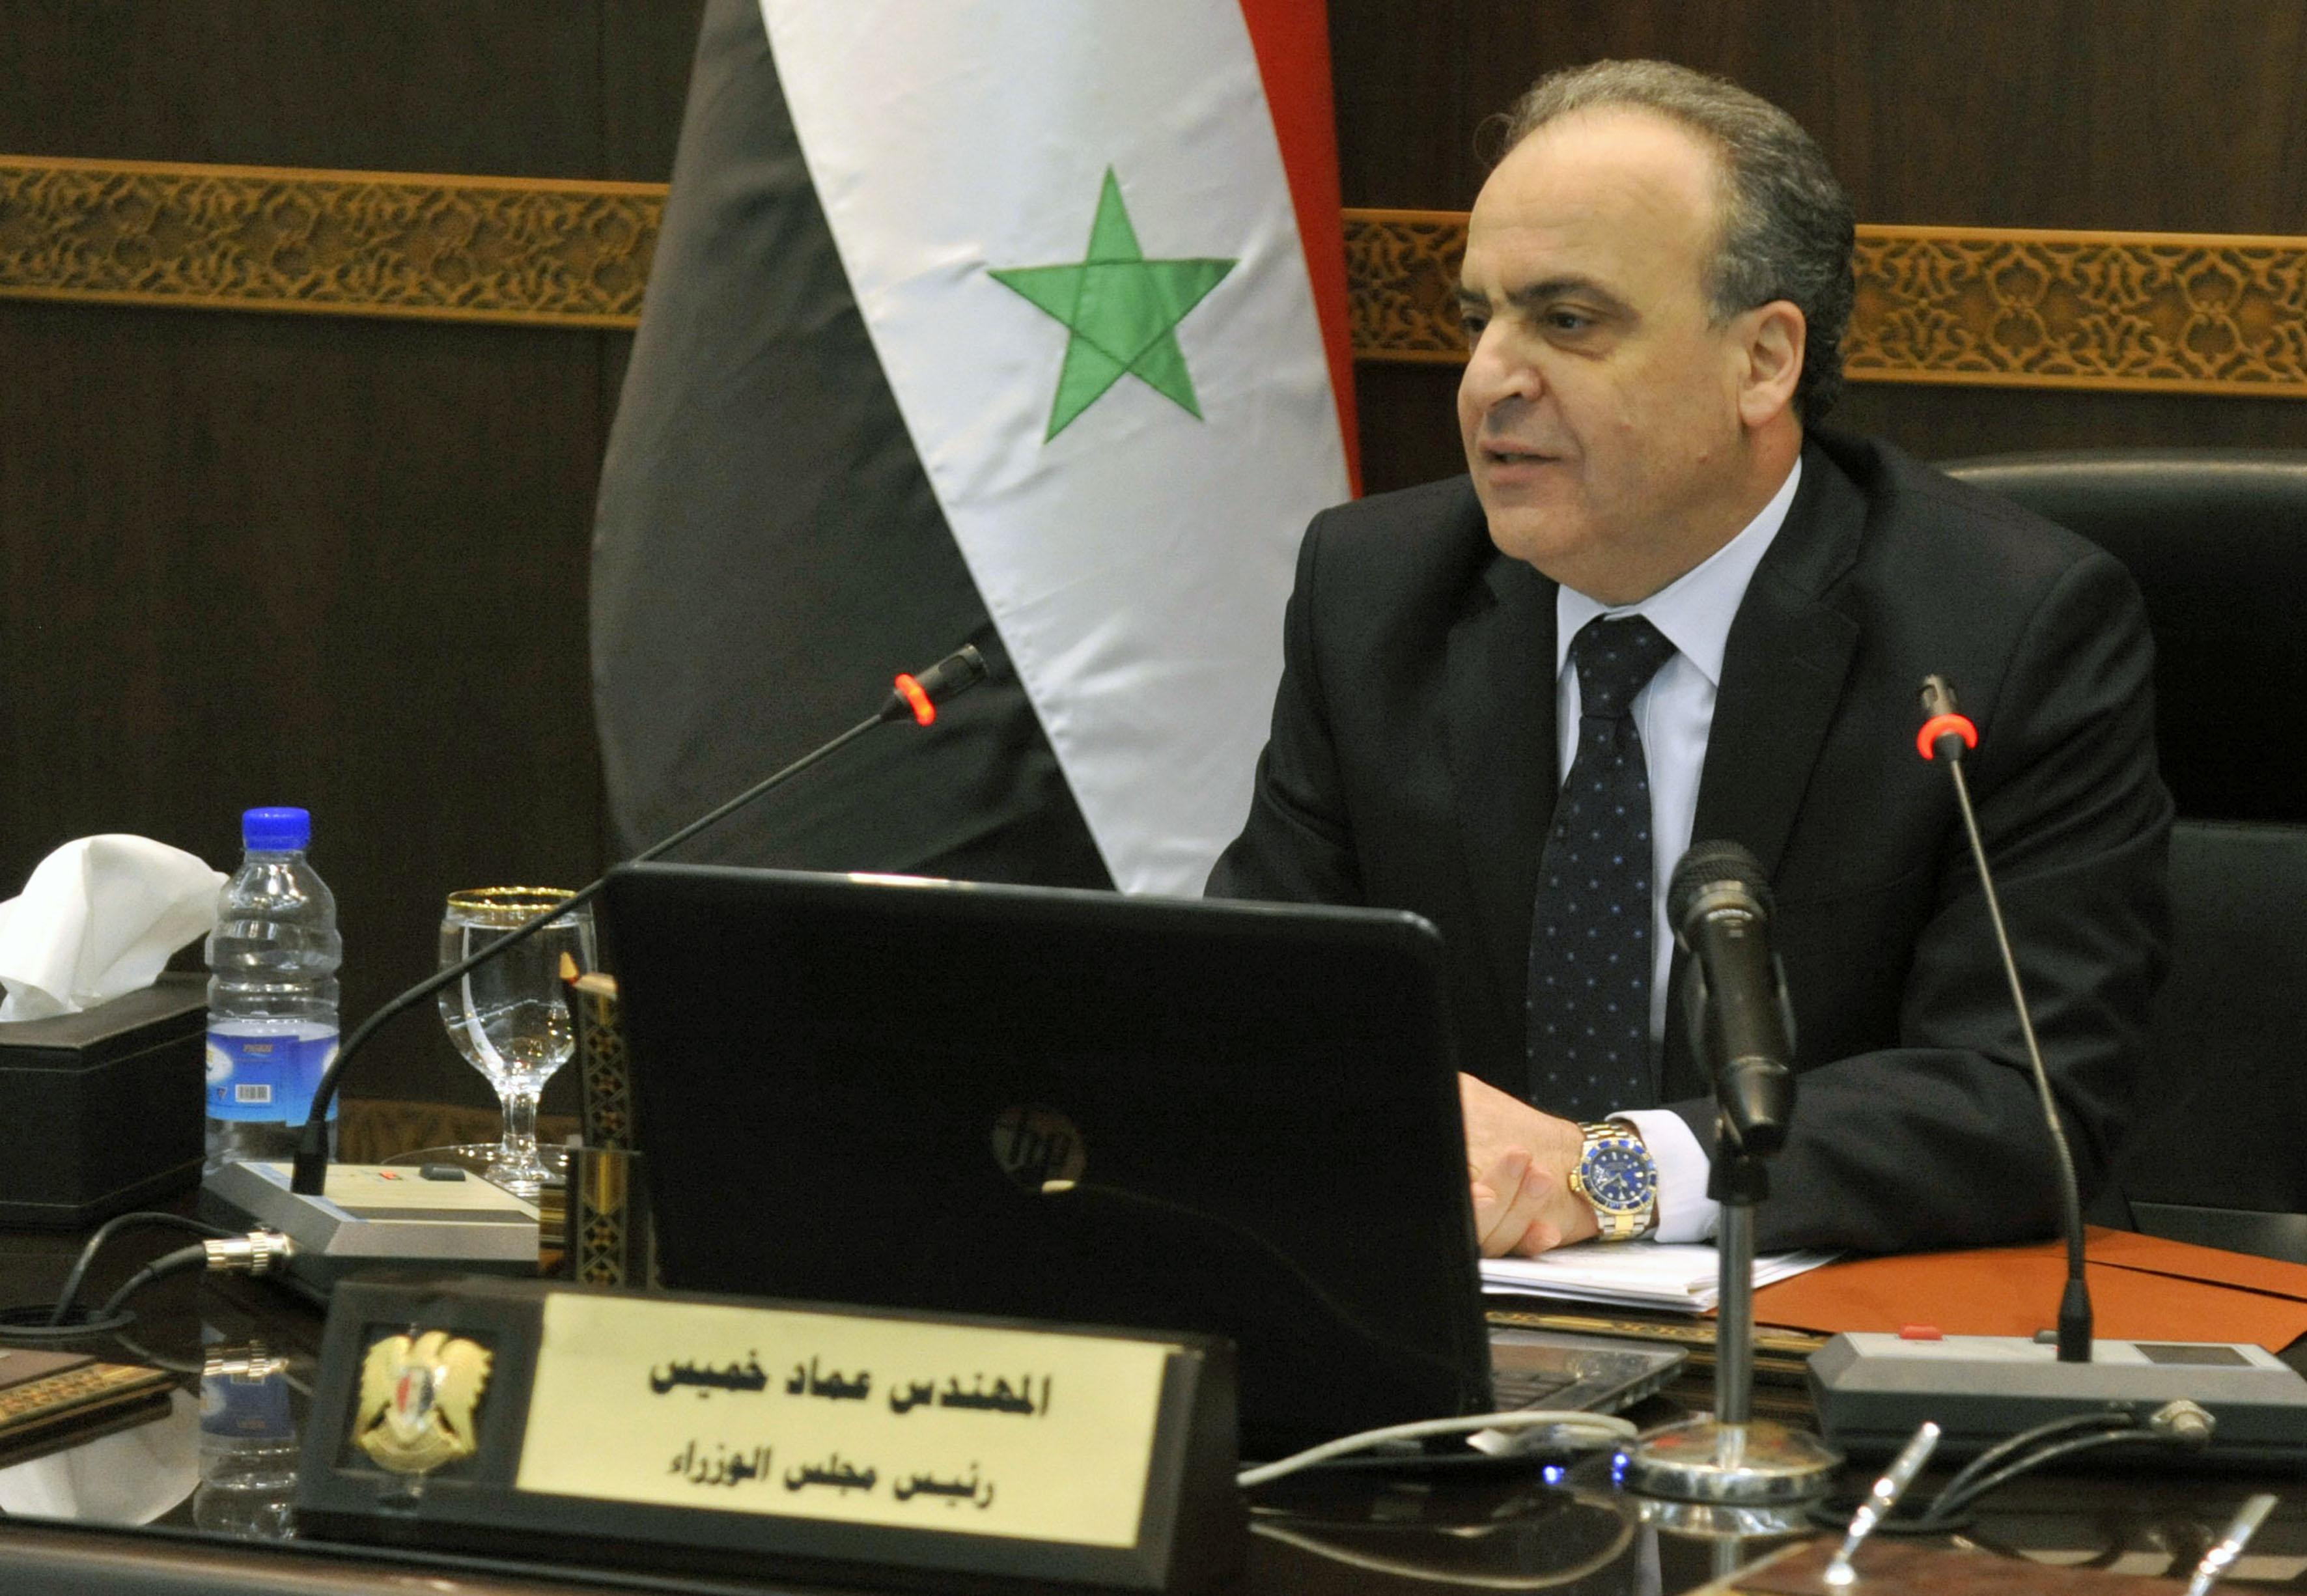 رئيس مجلس الوراء المهندس عماد خميس